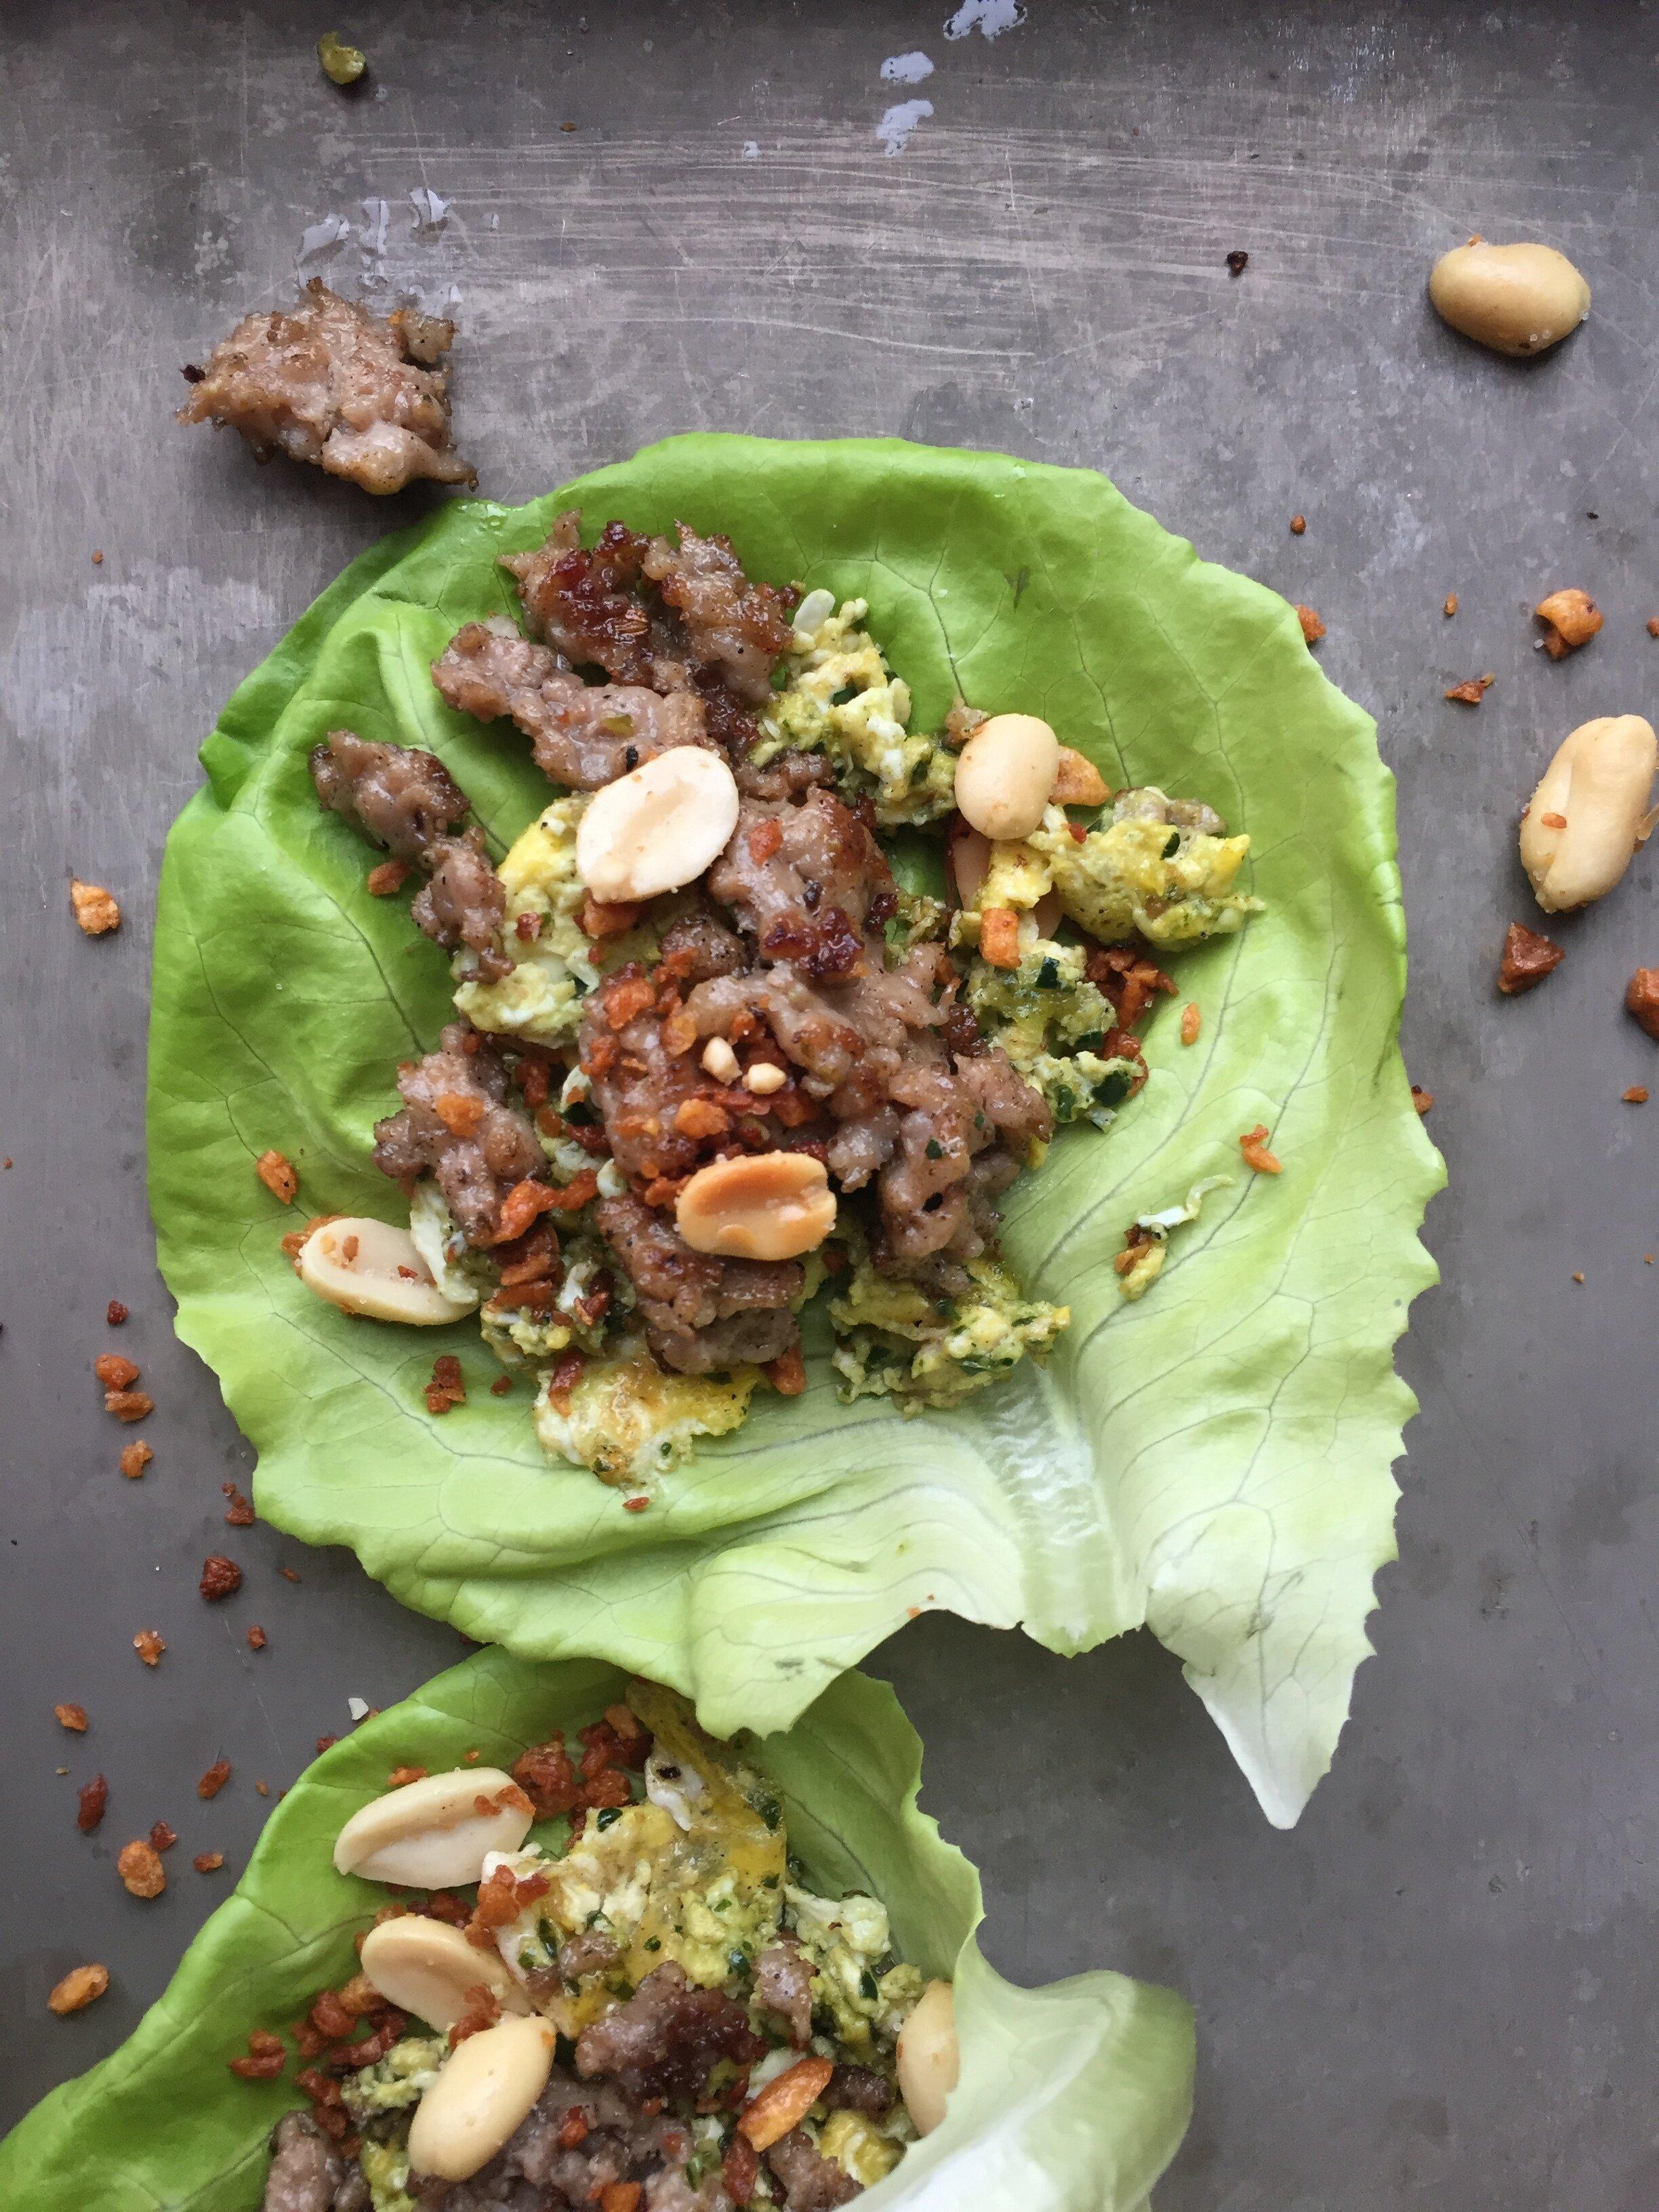 Here's Your Breakfast! Spicy Butterhead Lettuce Wrap